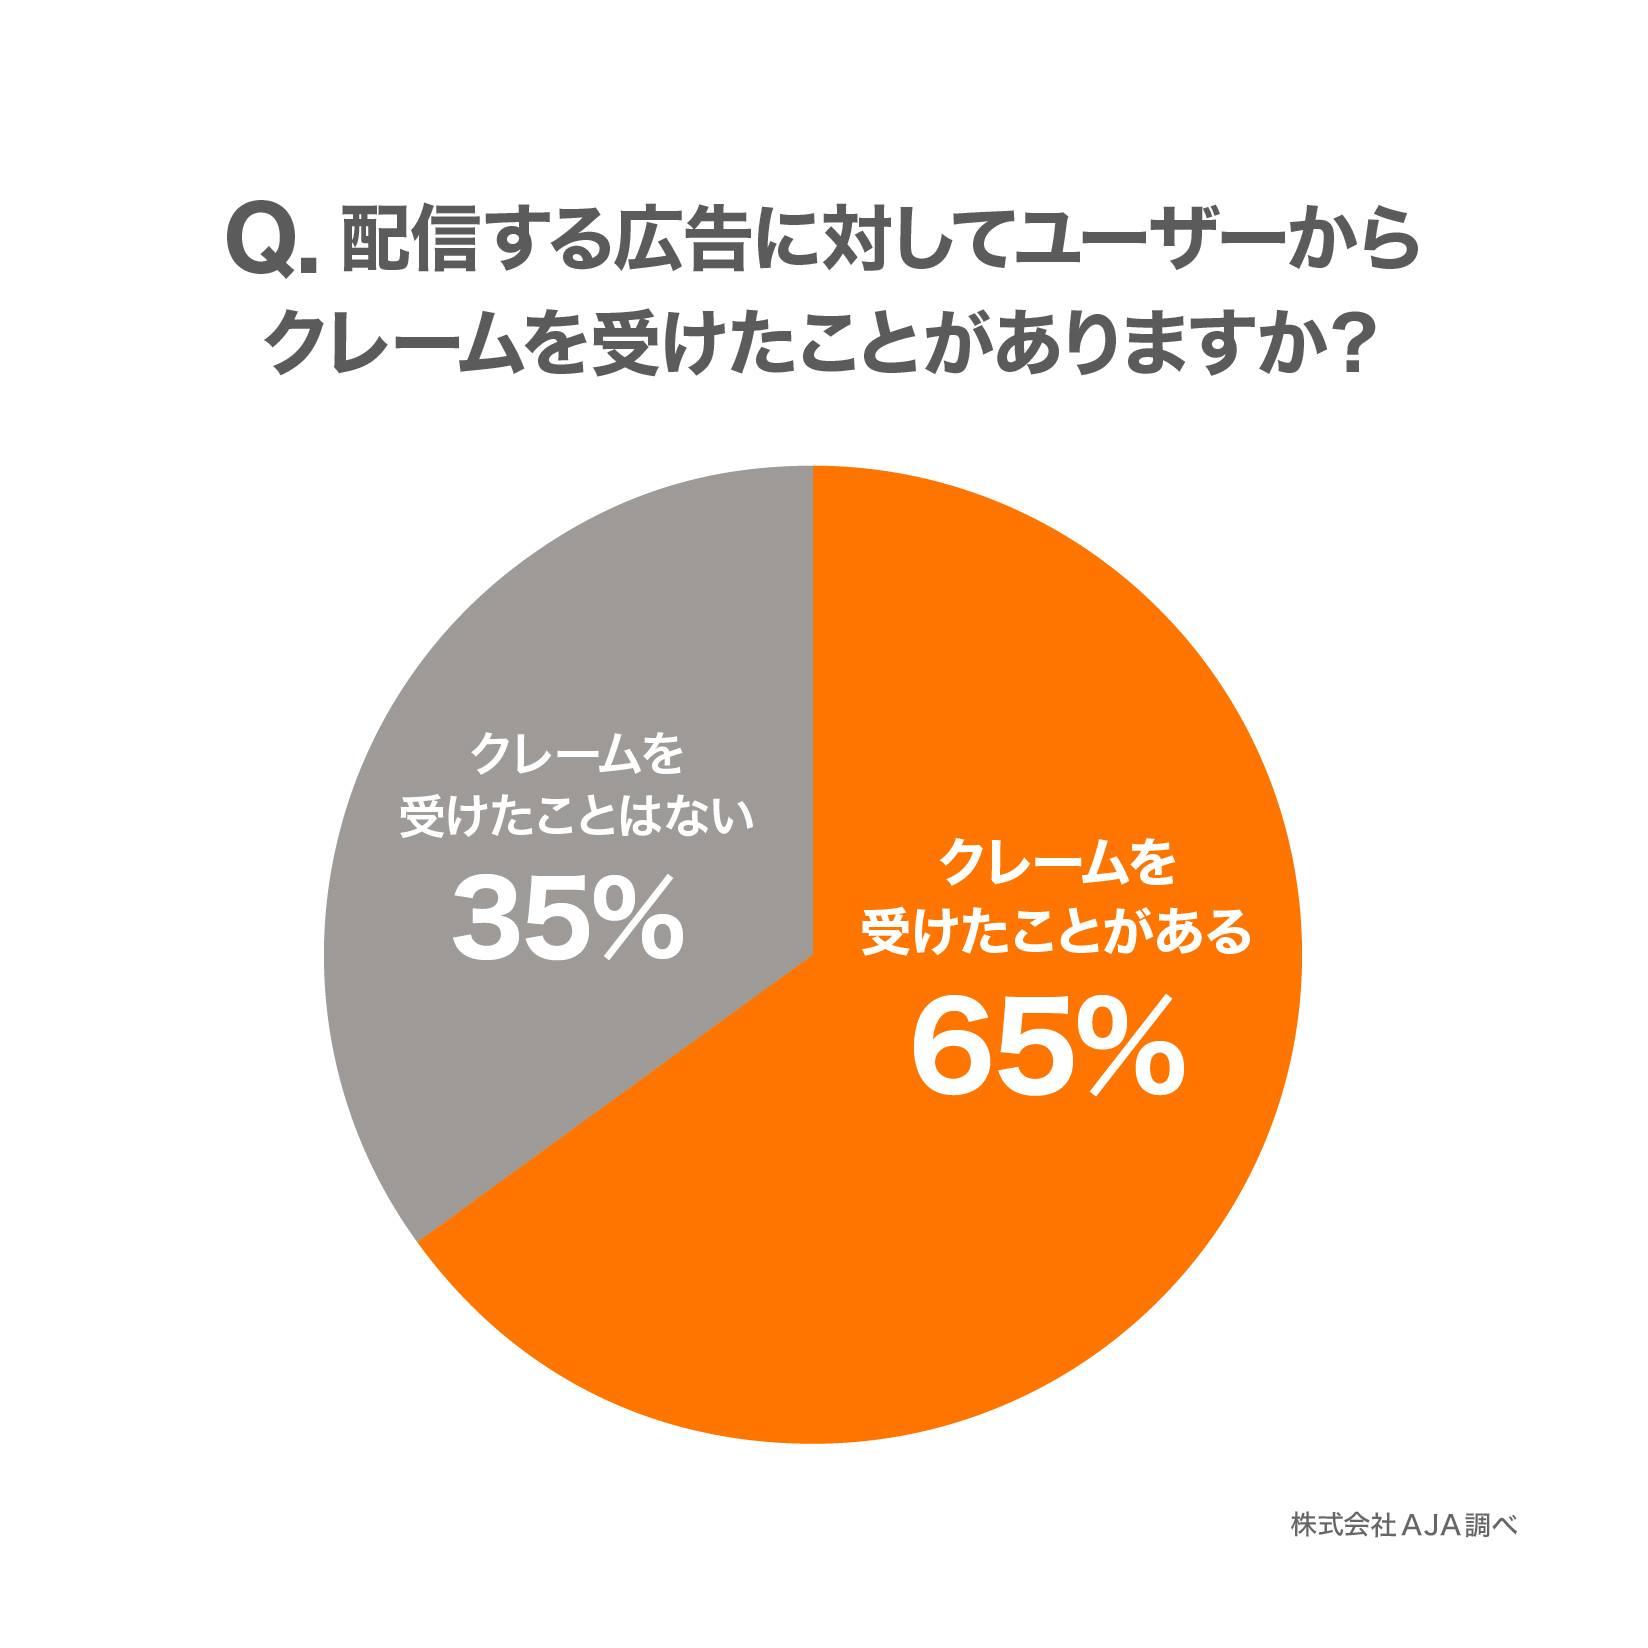 グラフ1:Q. 配信する広告に対してユーザーからクレームを受けたことがありますか?